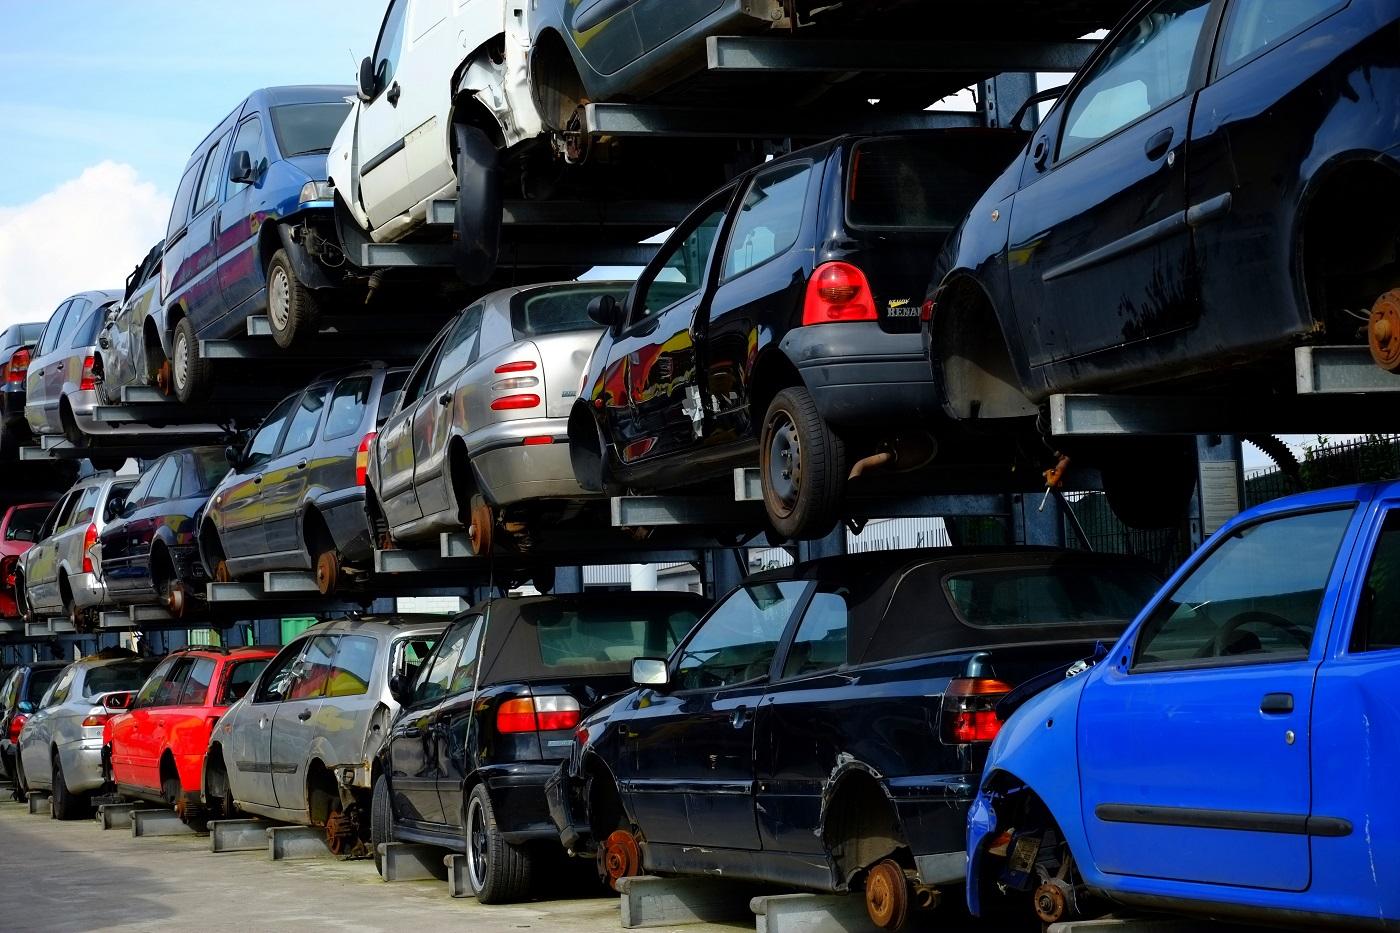 Правительство готово поддержать традиционно русских автопроизводителей на фоне повышения утилизационного сбора